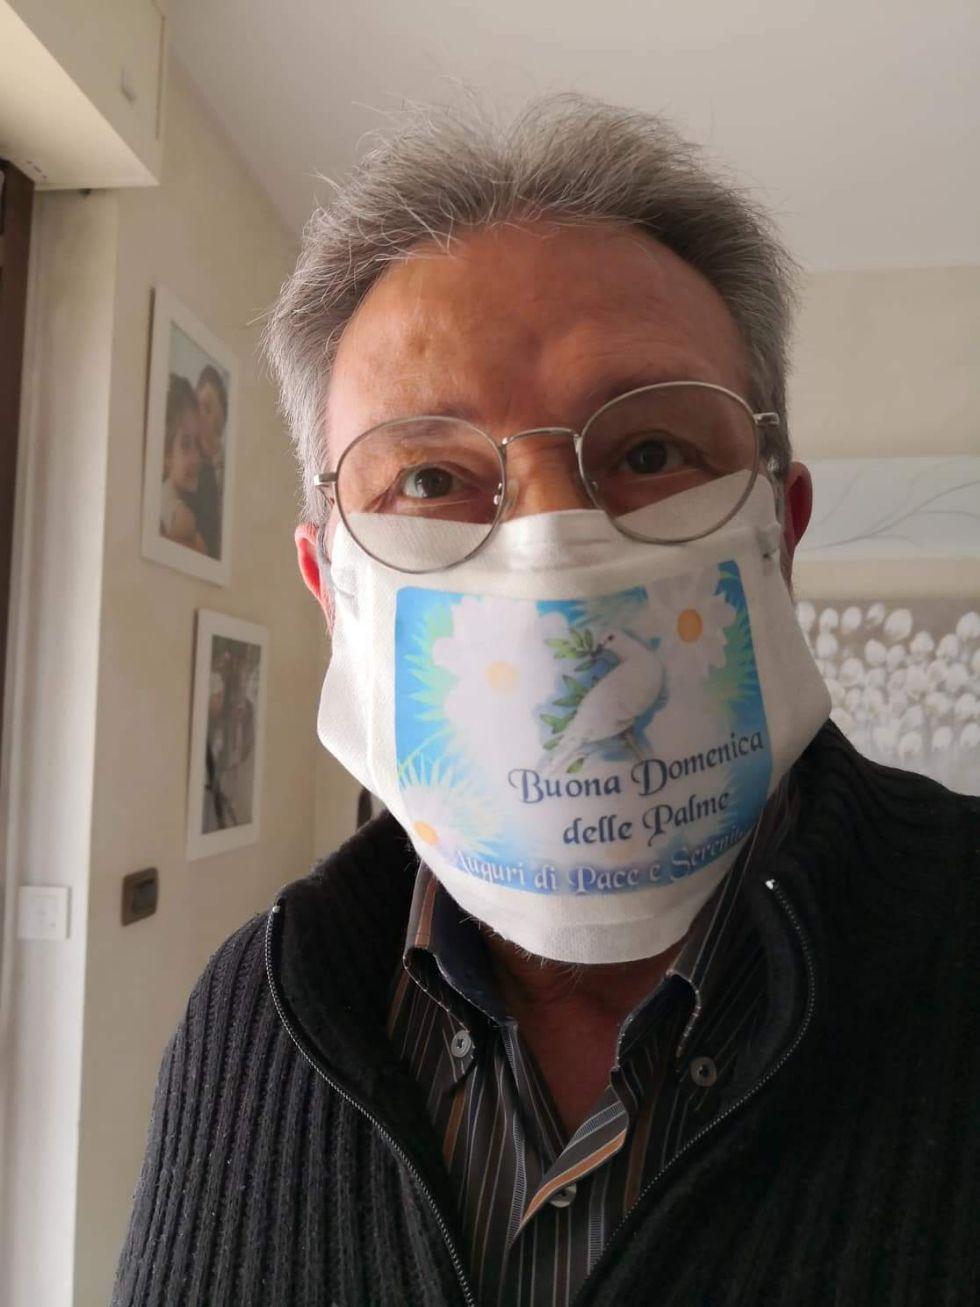 NICHELINO - Il pensionato che crea mascherine dei cartoni animati